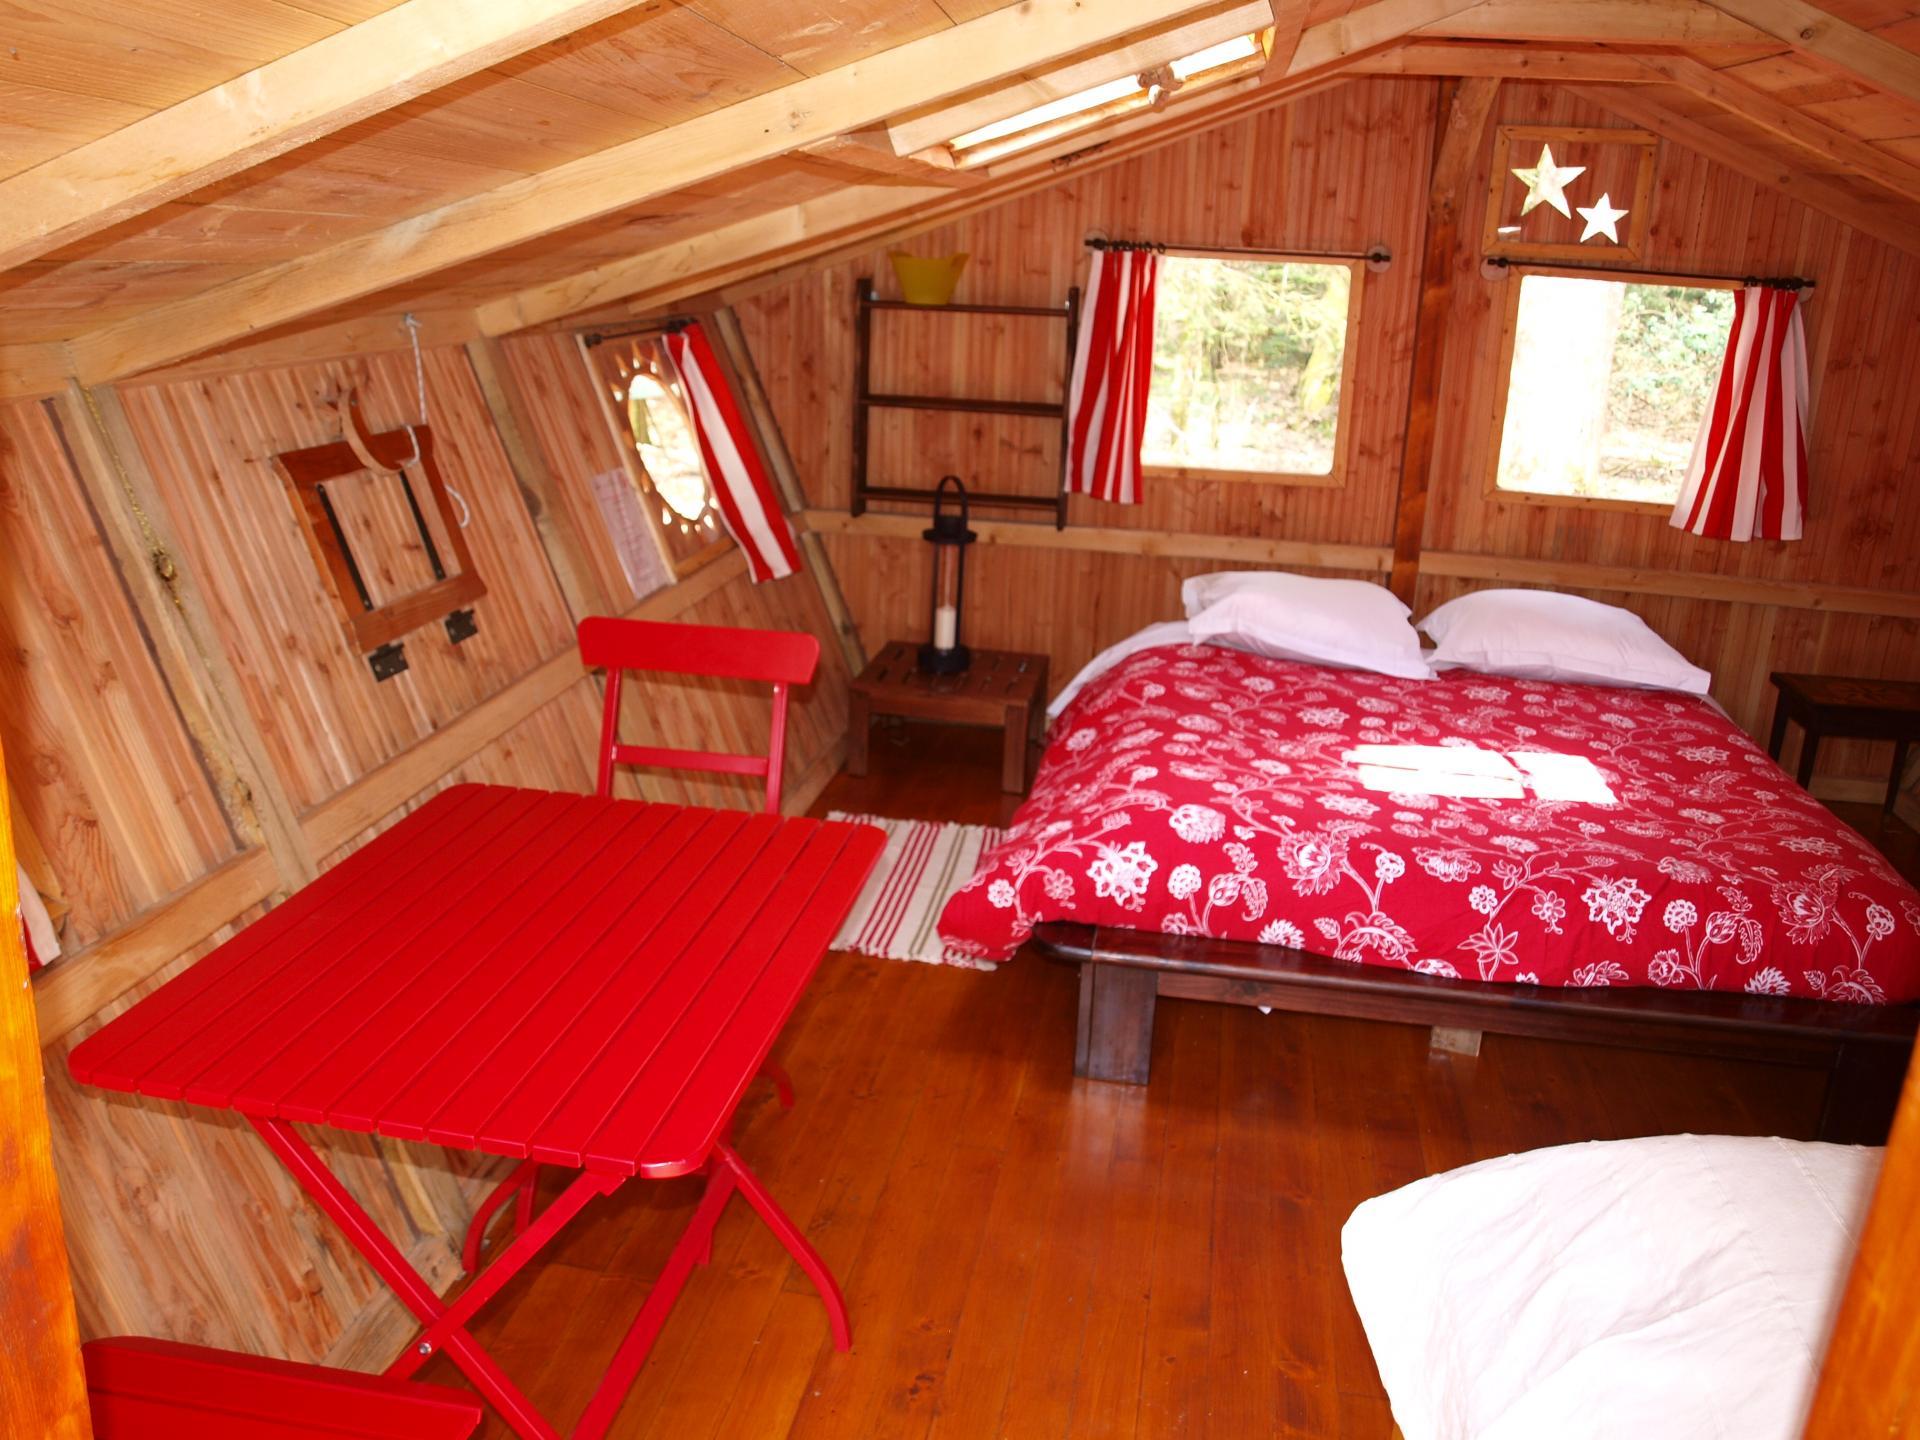 La cabane STELLA dans les bois